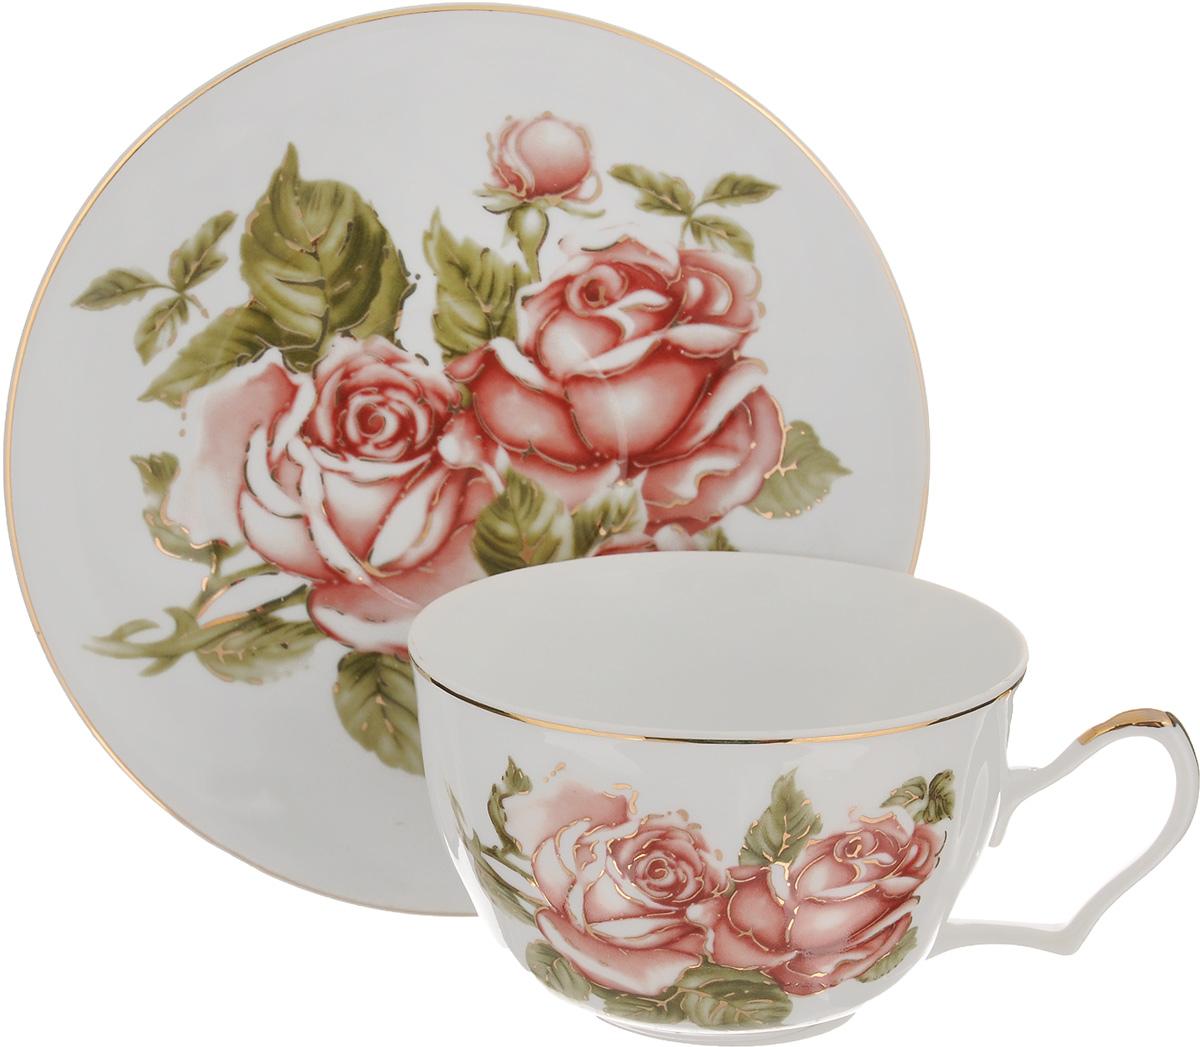 Чайная пара Loraine Цветок, 2 предмета24599Чайная пара Loraine Цветок выполнена извысококачественной керамики. Чашка и блюдцеукрашены ярким изображением цветов. Изящныйдизайн и красочность оформления придутся по вкусу иценителям классики, и тем, кто предпочитаетутонченность и изысканность.Чайная пара - идеальный и необходимый подарок длявашего дома и для ваших друзей в праздники, юбилеи иторжества. Она также станет отличным корпоративнымподарком и украшением любой кухни.Объем чашки: 250 мл.Диаметр чашки по верхнему краю: 9,5 см.Высота чашки: 6 см. Диаметр блюдца: 15 см.Высота блюдца: 2 см.